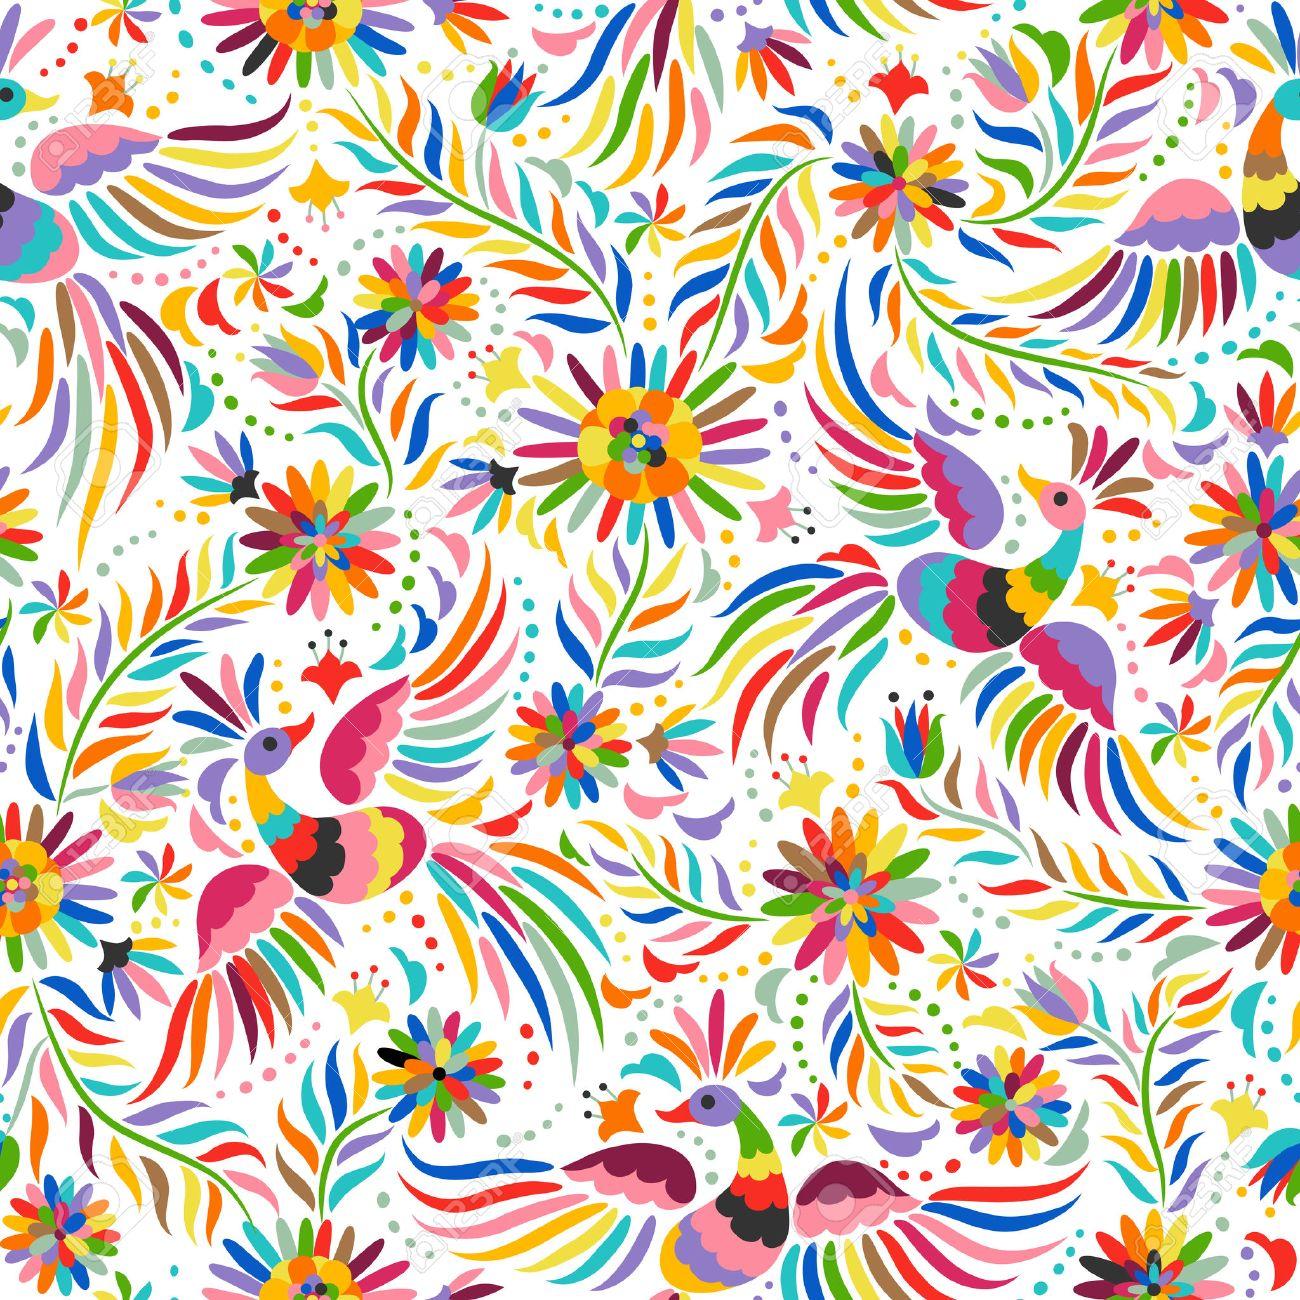 Bordado mexicana patrón transparente. patrón de colores étnicos y adornado.  Los pájaros y las 20b3c1fbb2f26